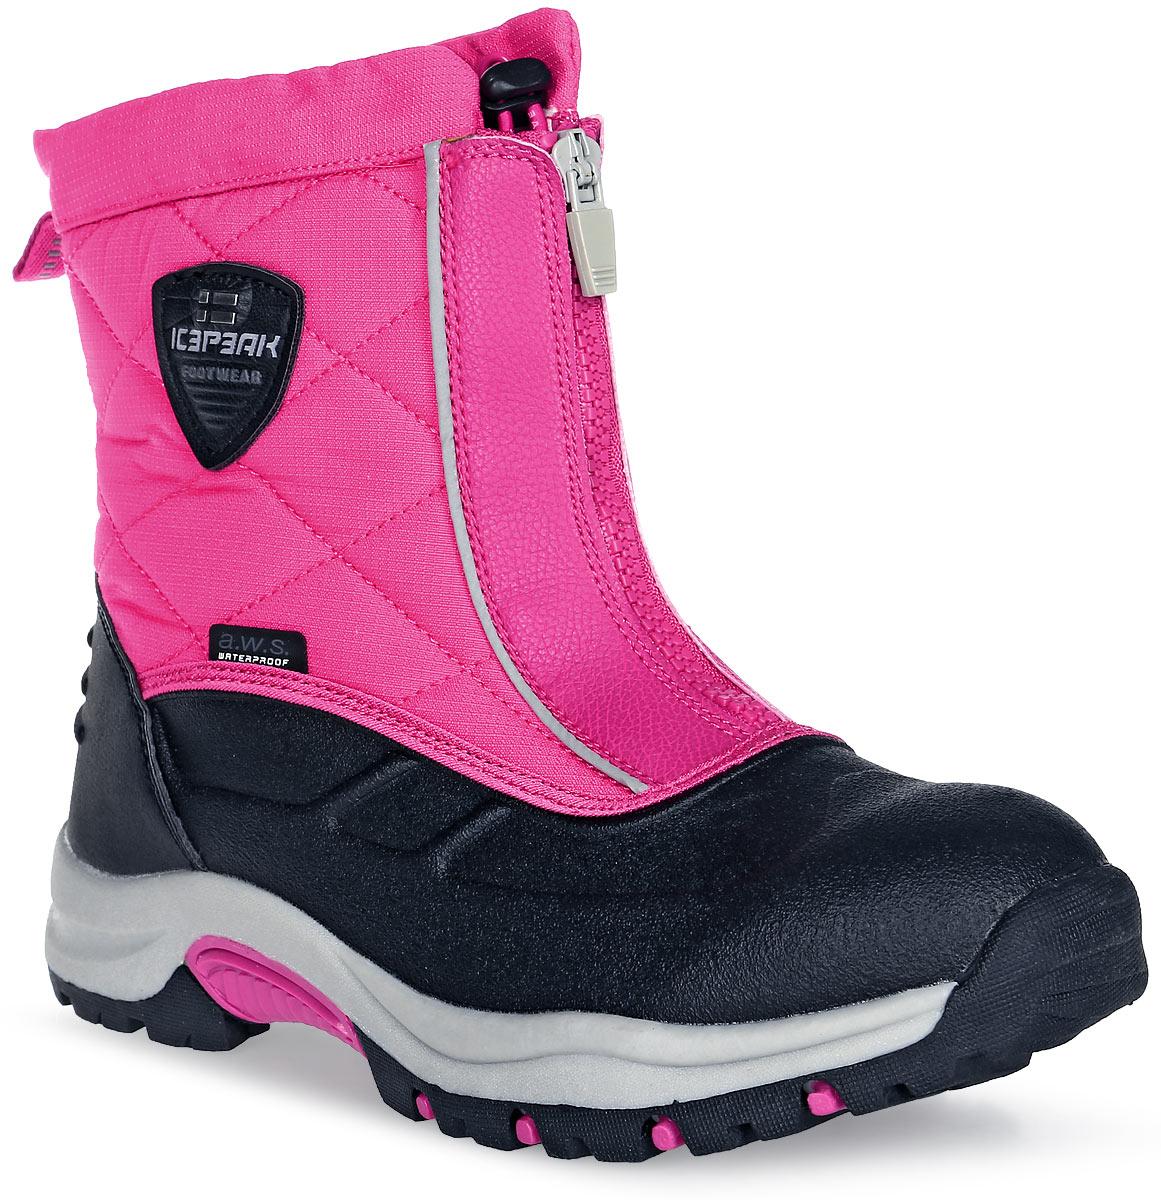 Ботинки для девочки Icepeak, цвет: розовый. 672213100IV. Размер 38 (37)672213100IVБотинки для девочек Icepeak, высокие мембранные ботинки WULSTAN. Мембрана A.W.S Waterproof, покрытие A.W.S. Water resistant, стелька A.W.S. Rest foam и новая анти-скользящая подошва. Всё это обеспечит вам максимальный комфорт, даже при длительных прогулках в самых экстремальных погодных условиях. Фиксация осуществляется при помощи застежки на молнии в области голеностопного сустава, а в самом верху затягивается с помощью шнурка со стоппером.